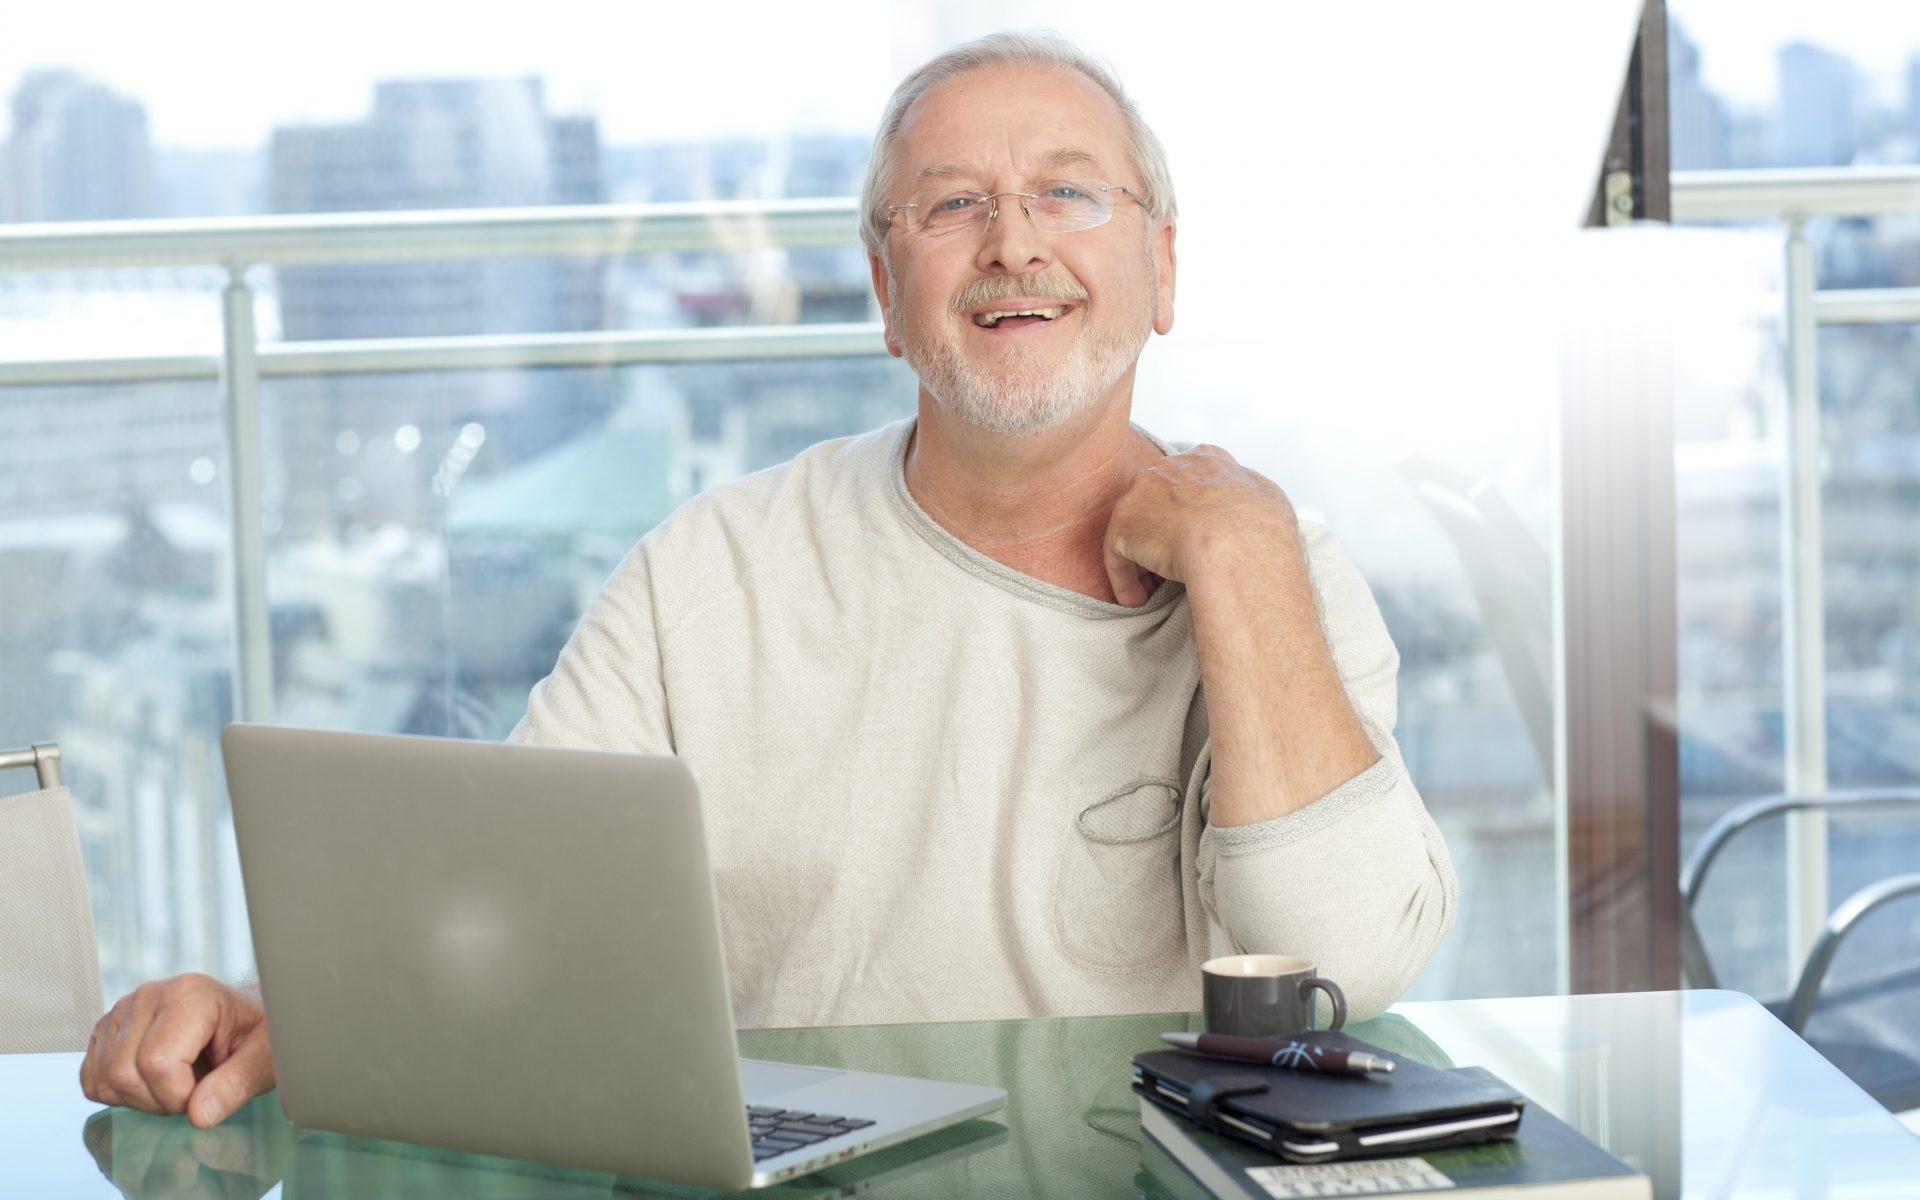 パソコンの動作に満足する男性